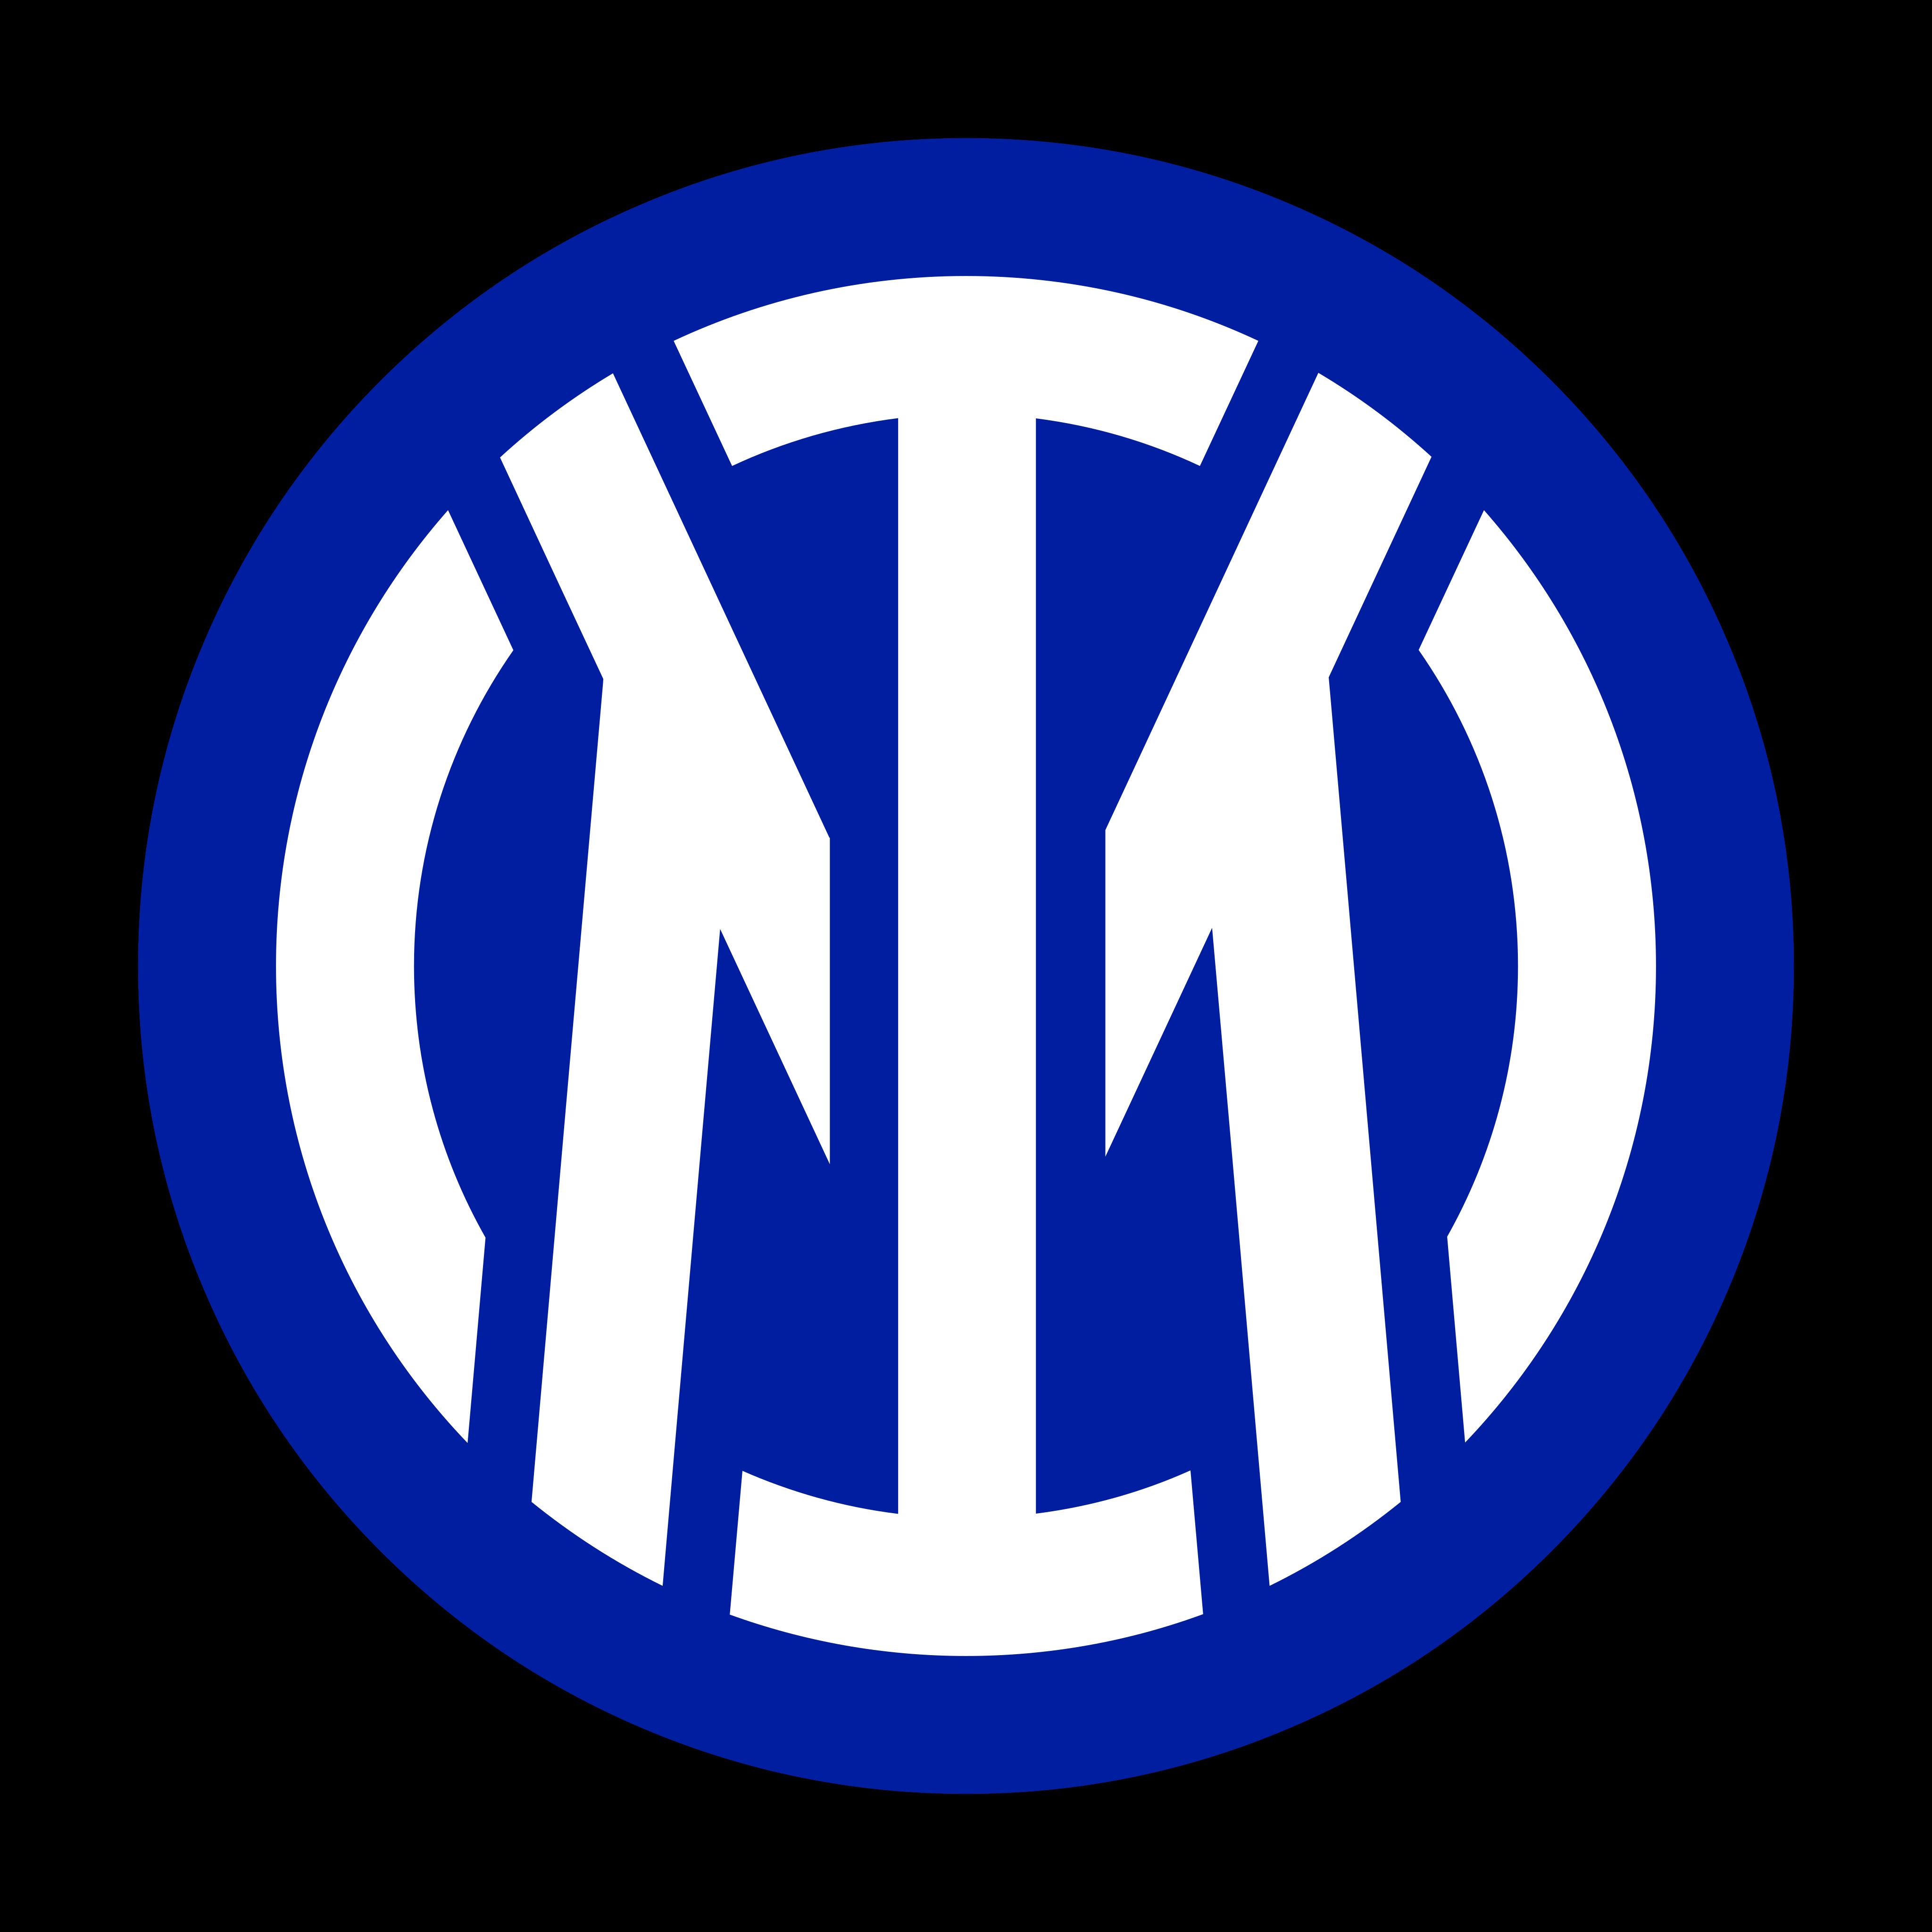 inter milan logo - Inter Milan - Internazionale Logo